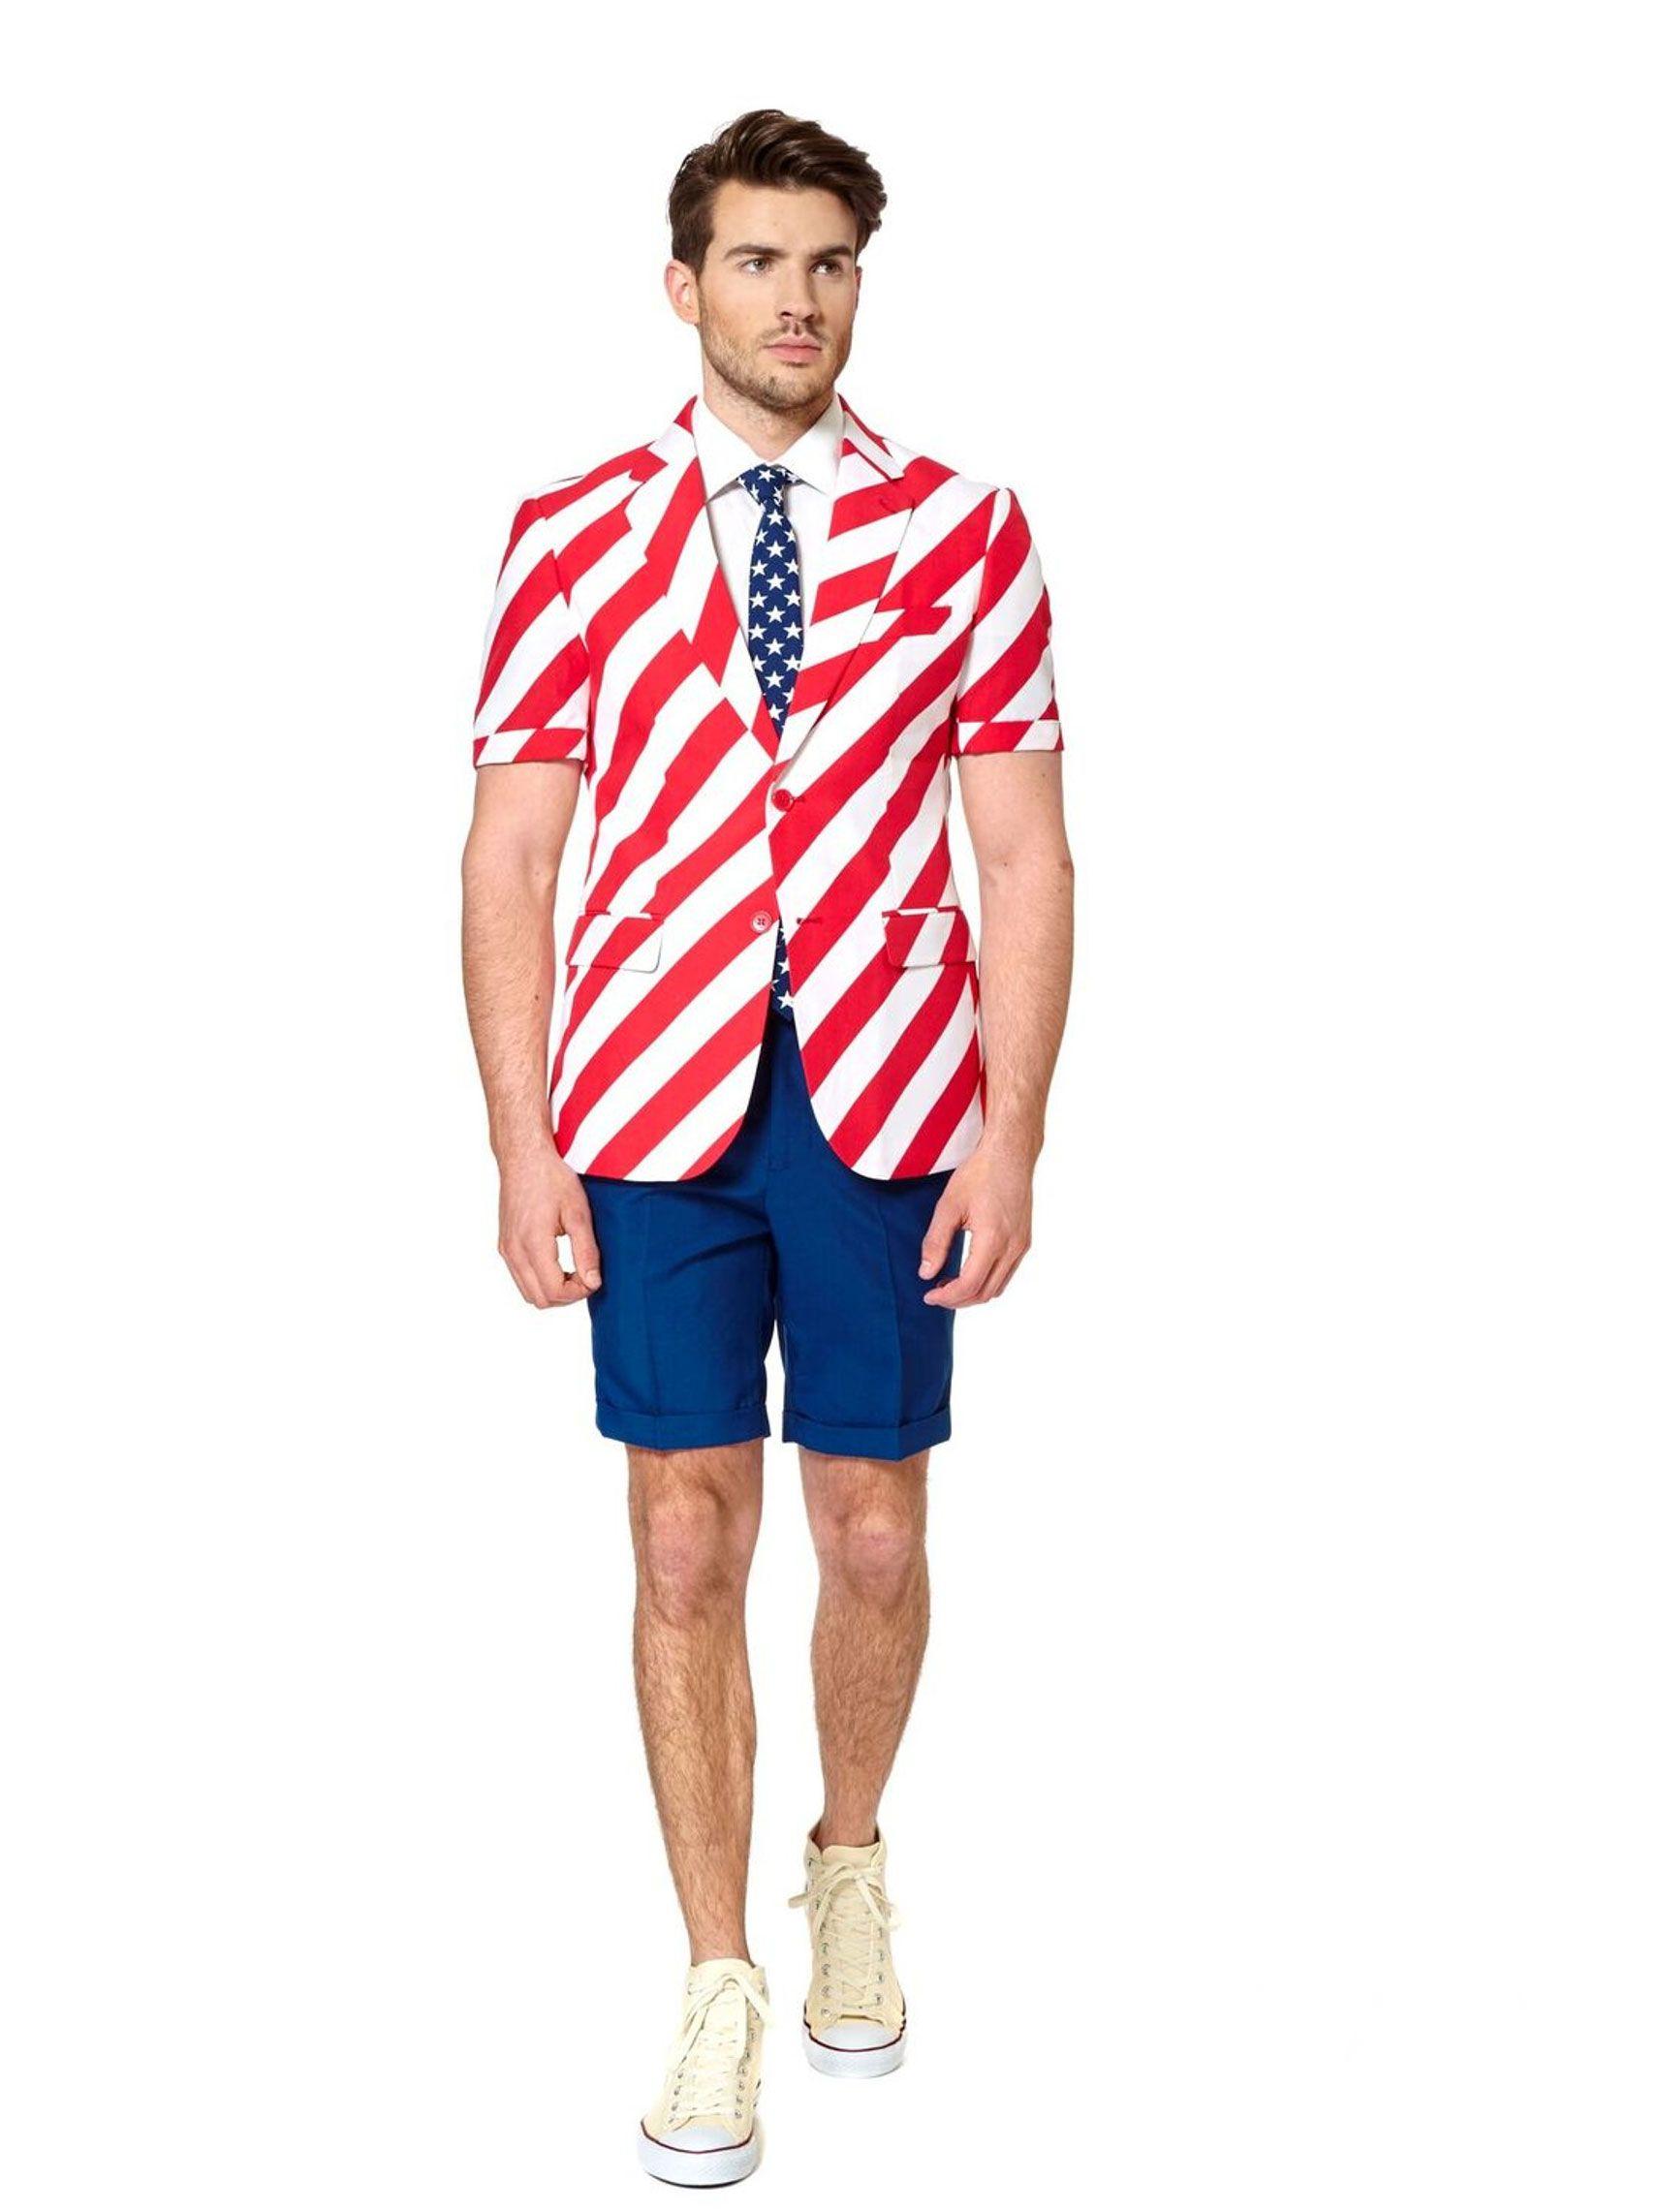 3b2f5f8c393f Abito estivo Americano uomo Opposuits™  Questo costume estivo di marca  Opposuits™